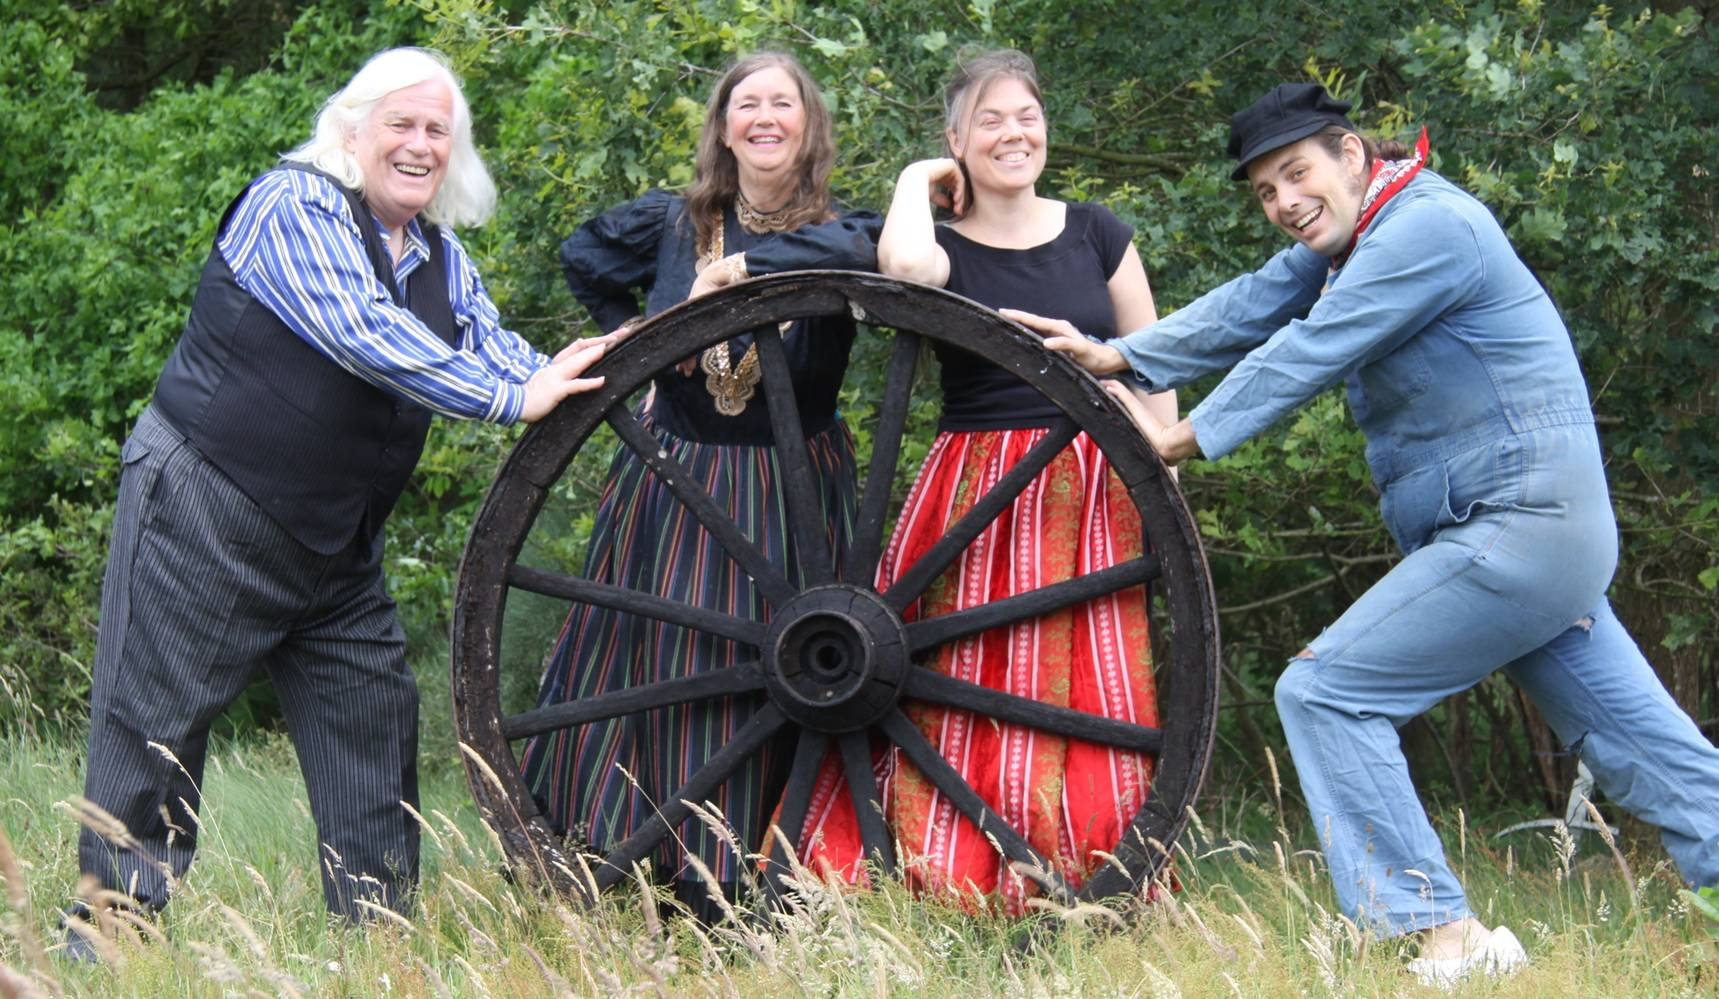 Drenthe Plat vrijdag 5 oktober in Bovensmilde